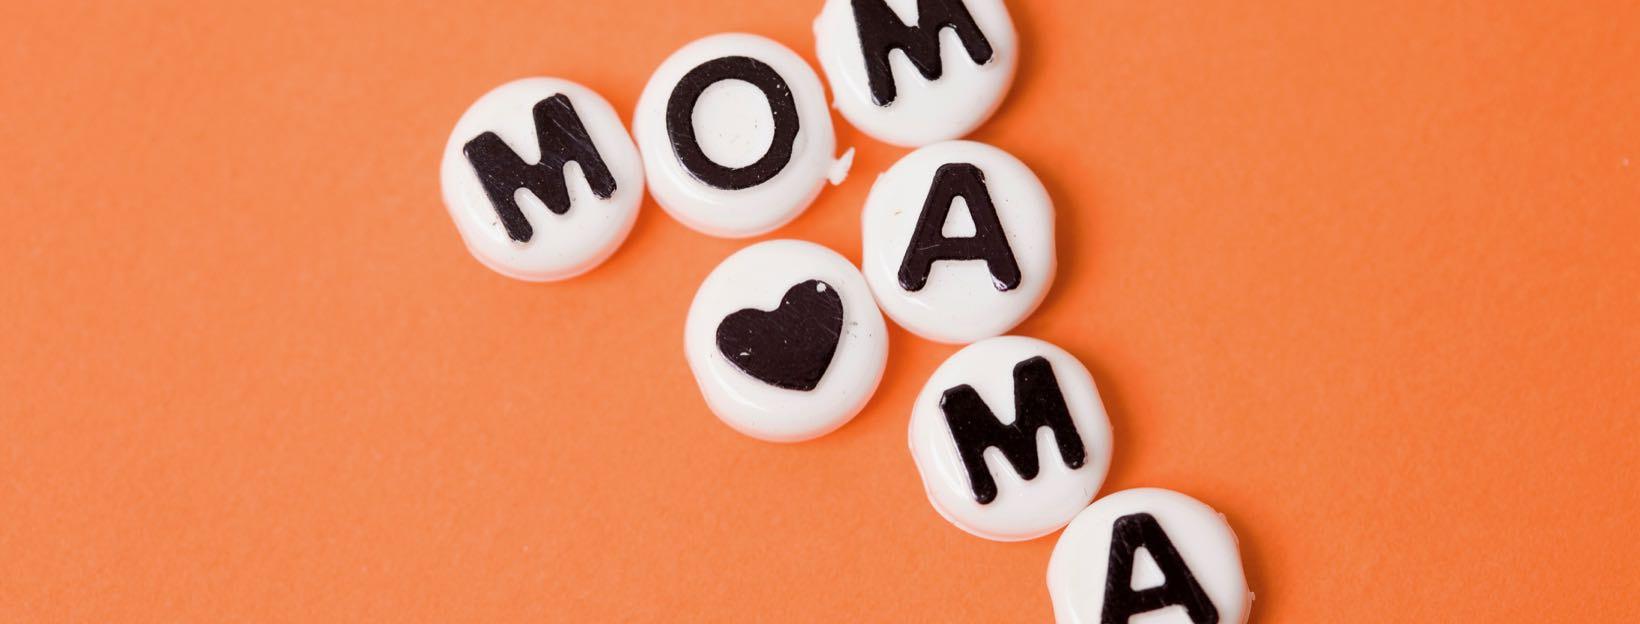 Mom- & Mama-Schriftzug: Muttertagskarte gestalten und ausdrucken